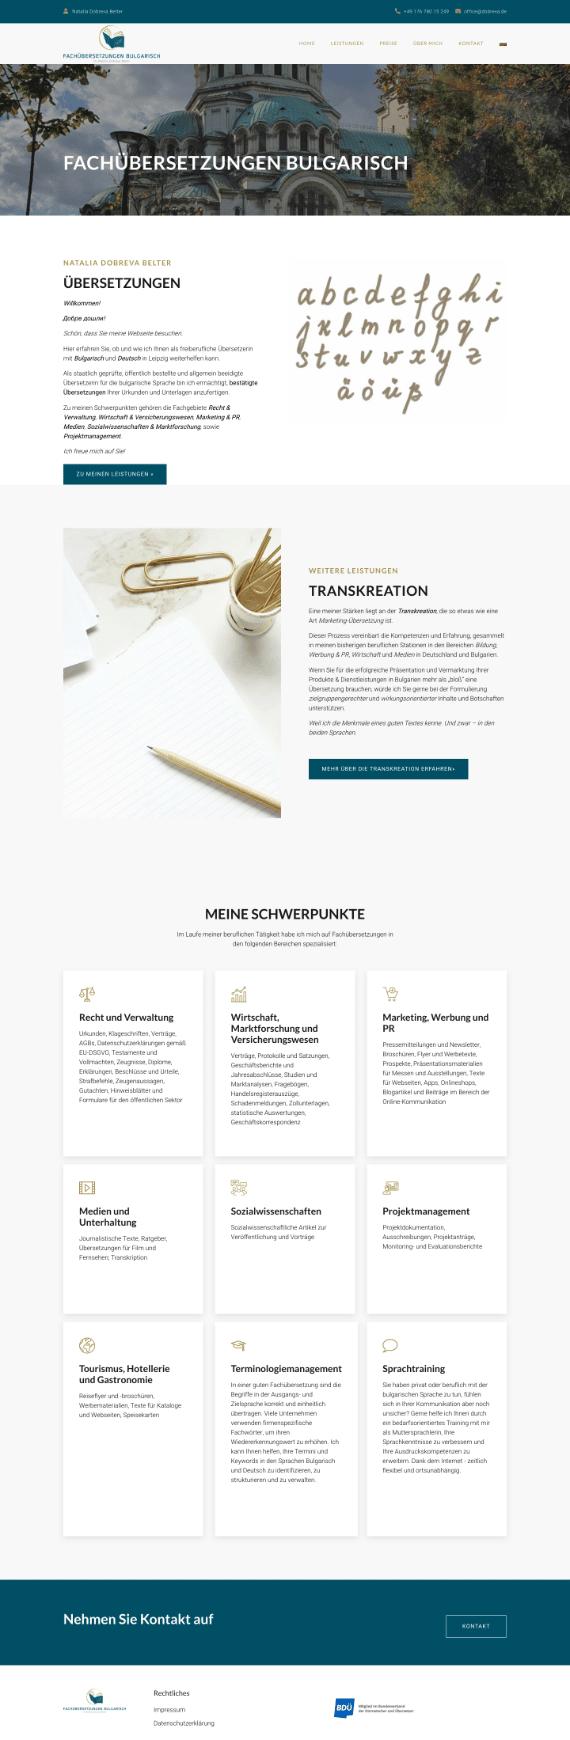 WordPress-Webdesign Referenz: Webseite von Fachübersetzungen Deutsch-Bulgarisch